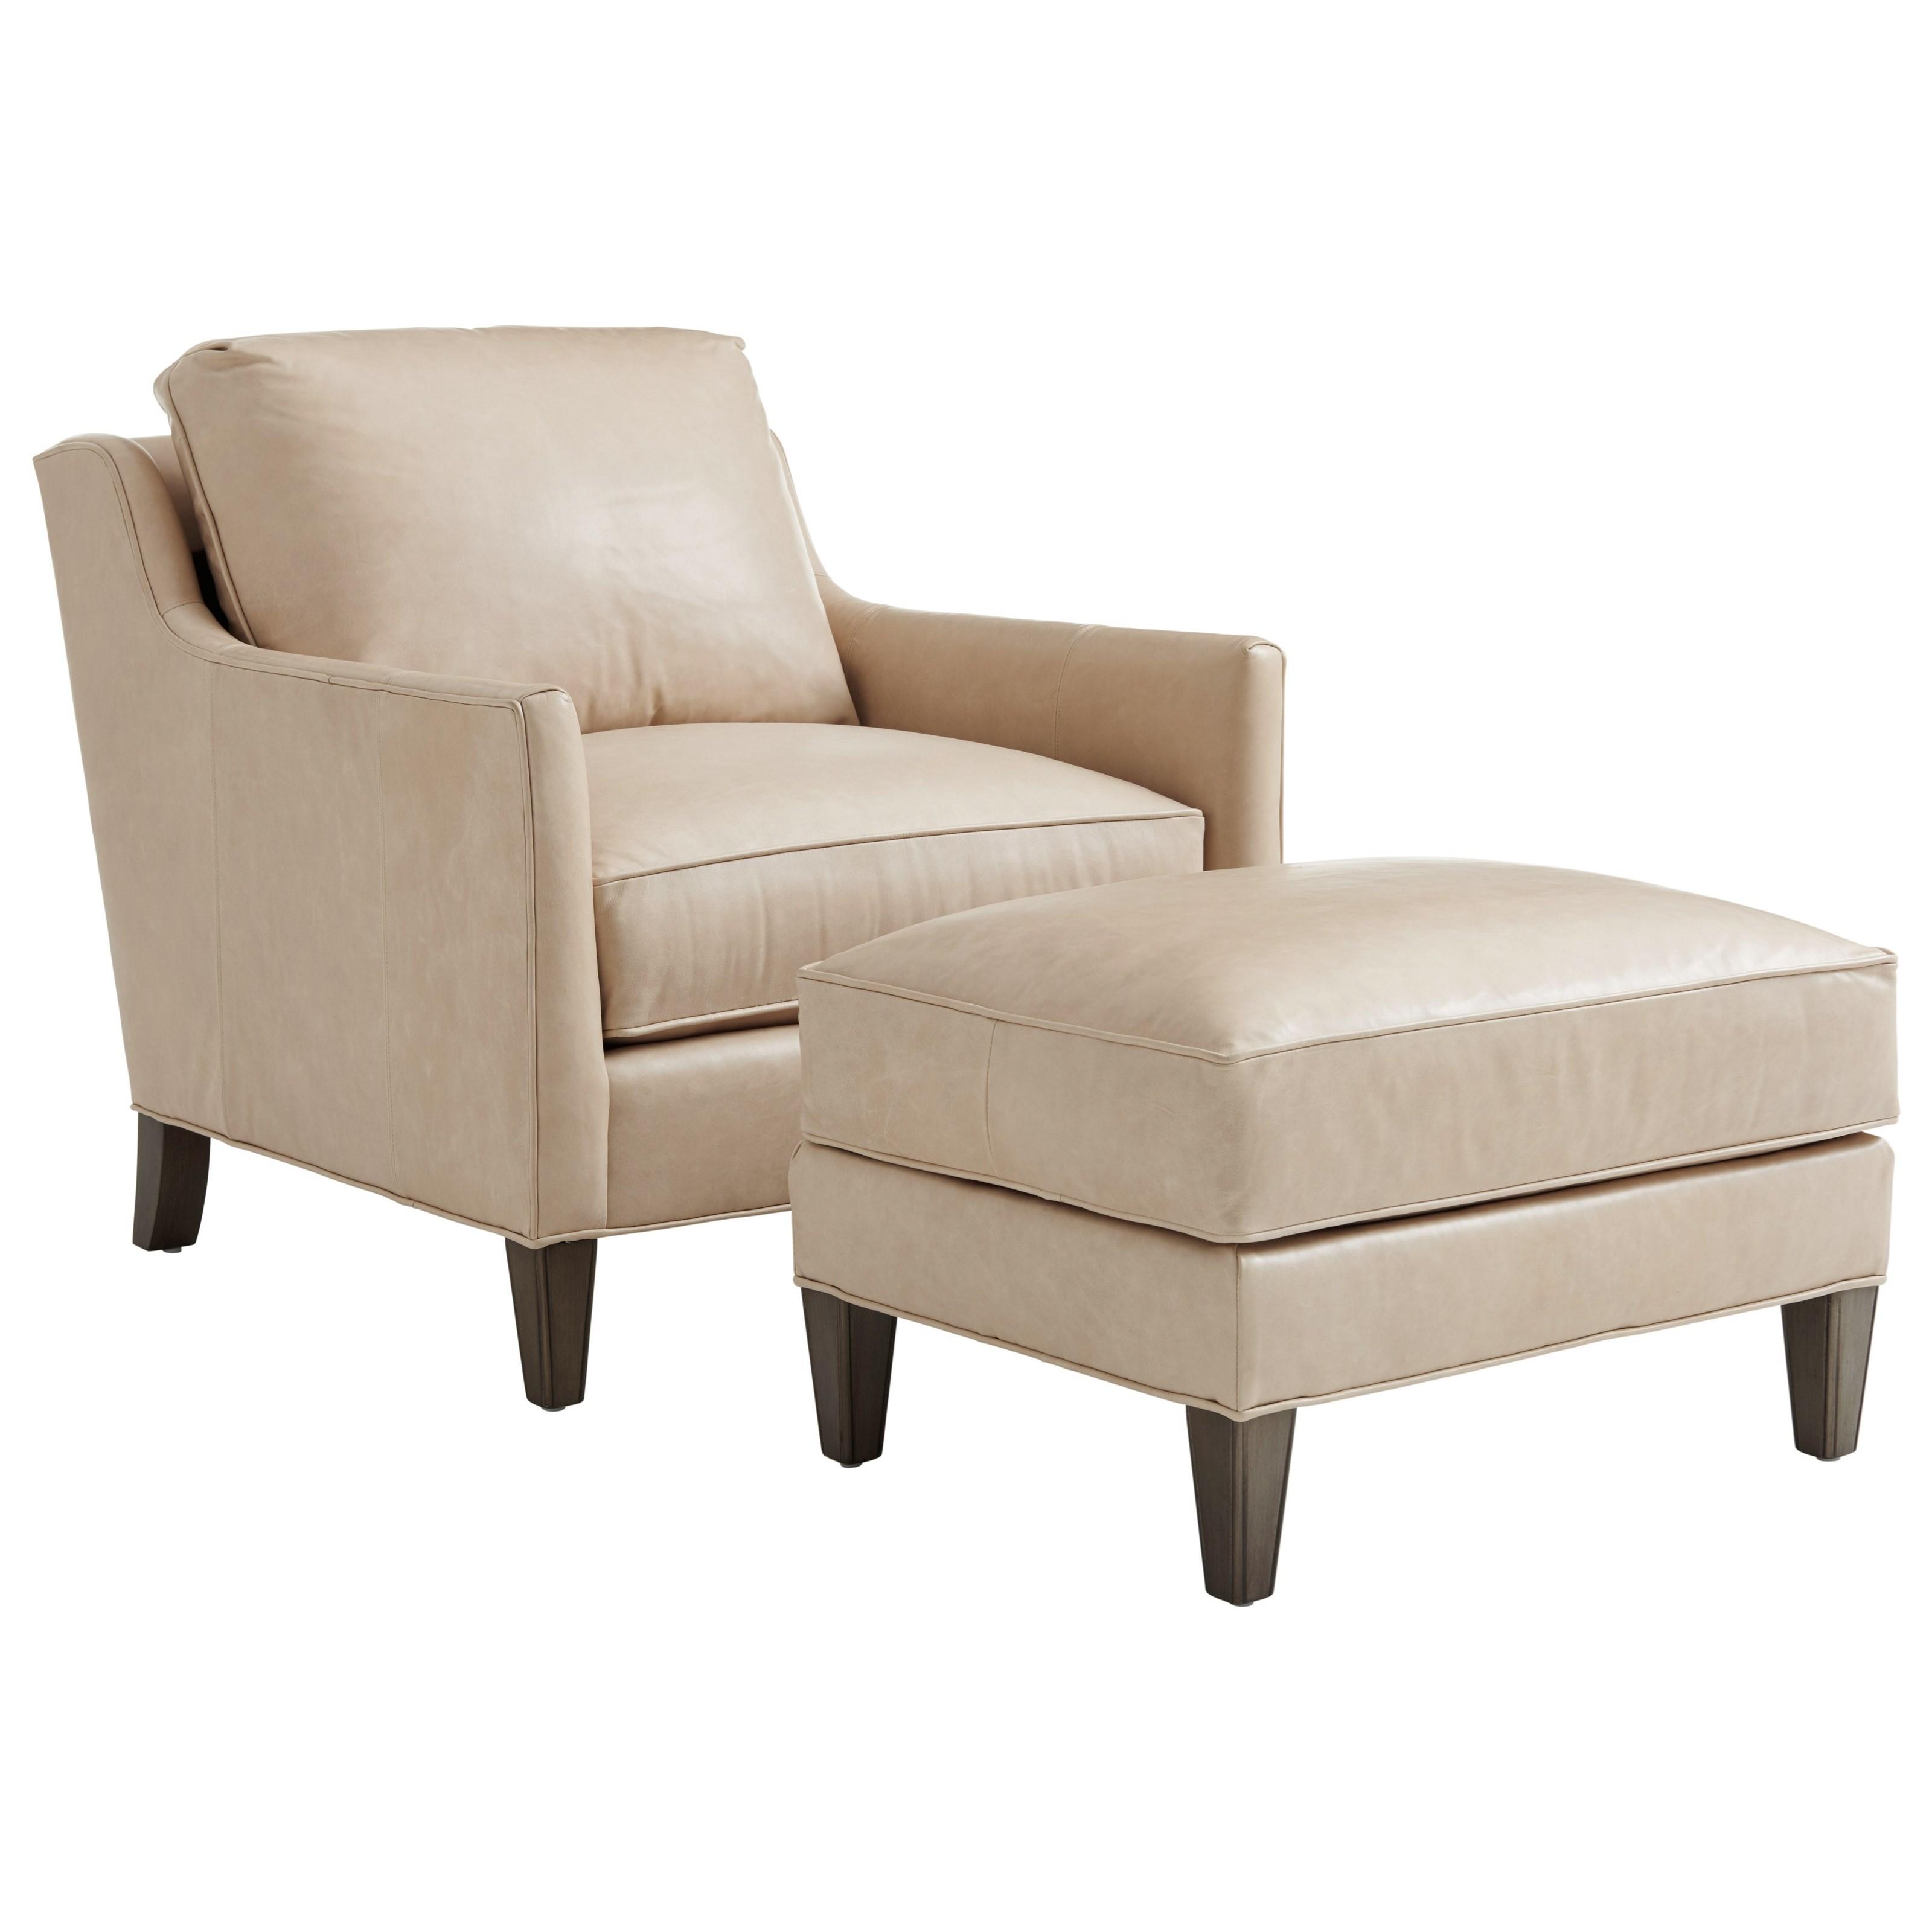 Turin Chair & Ottoman